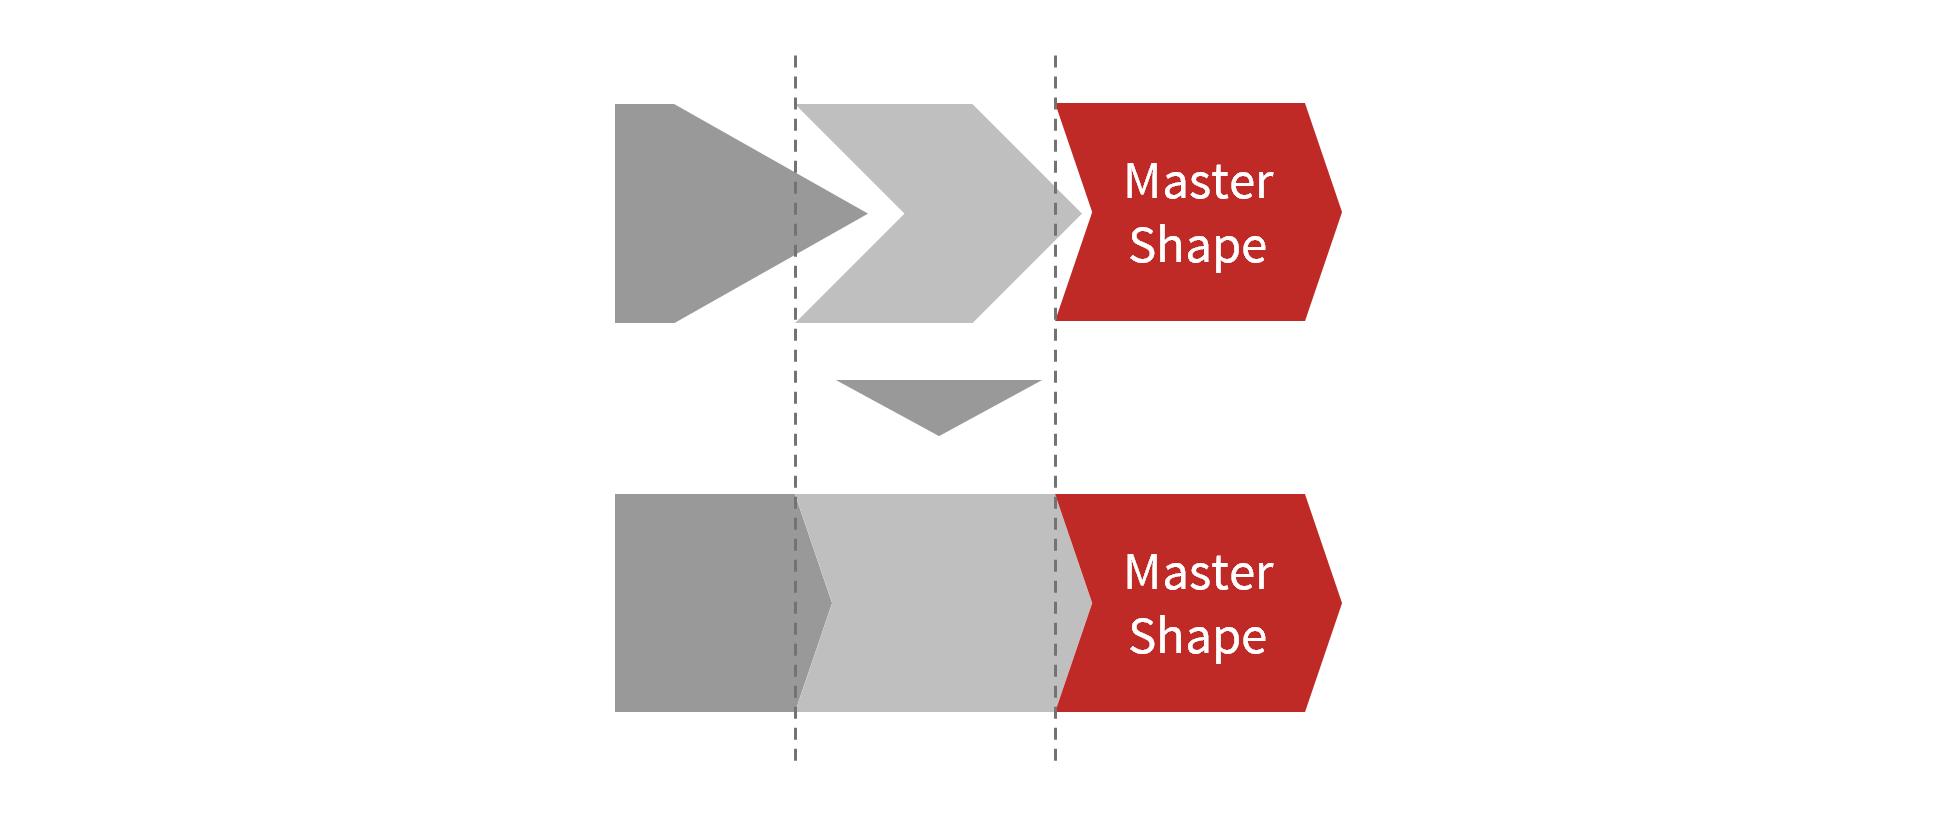 Align Process Chain